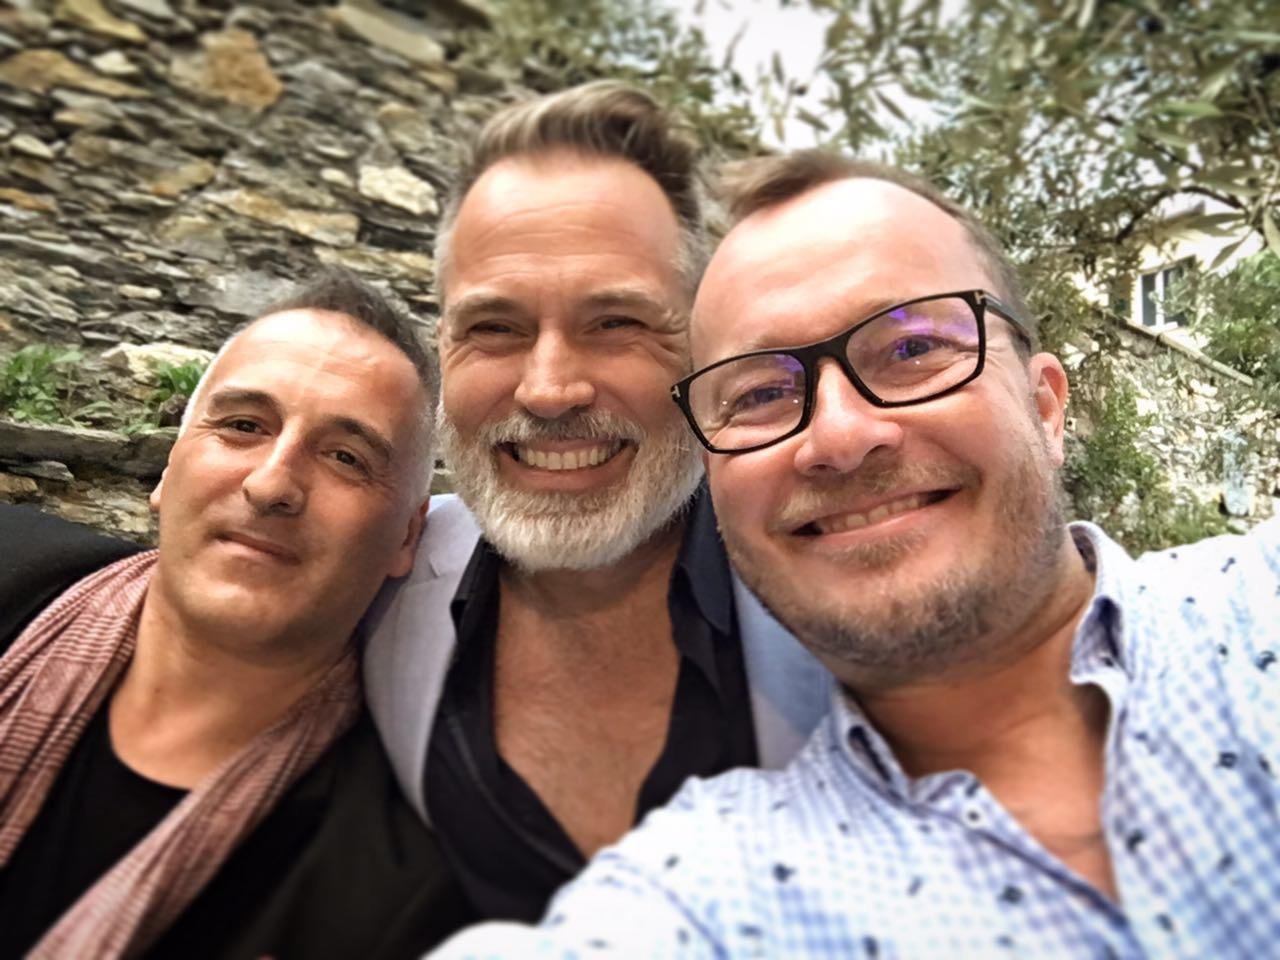 boys selfie, male wedding planners,